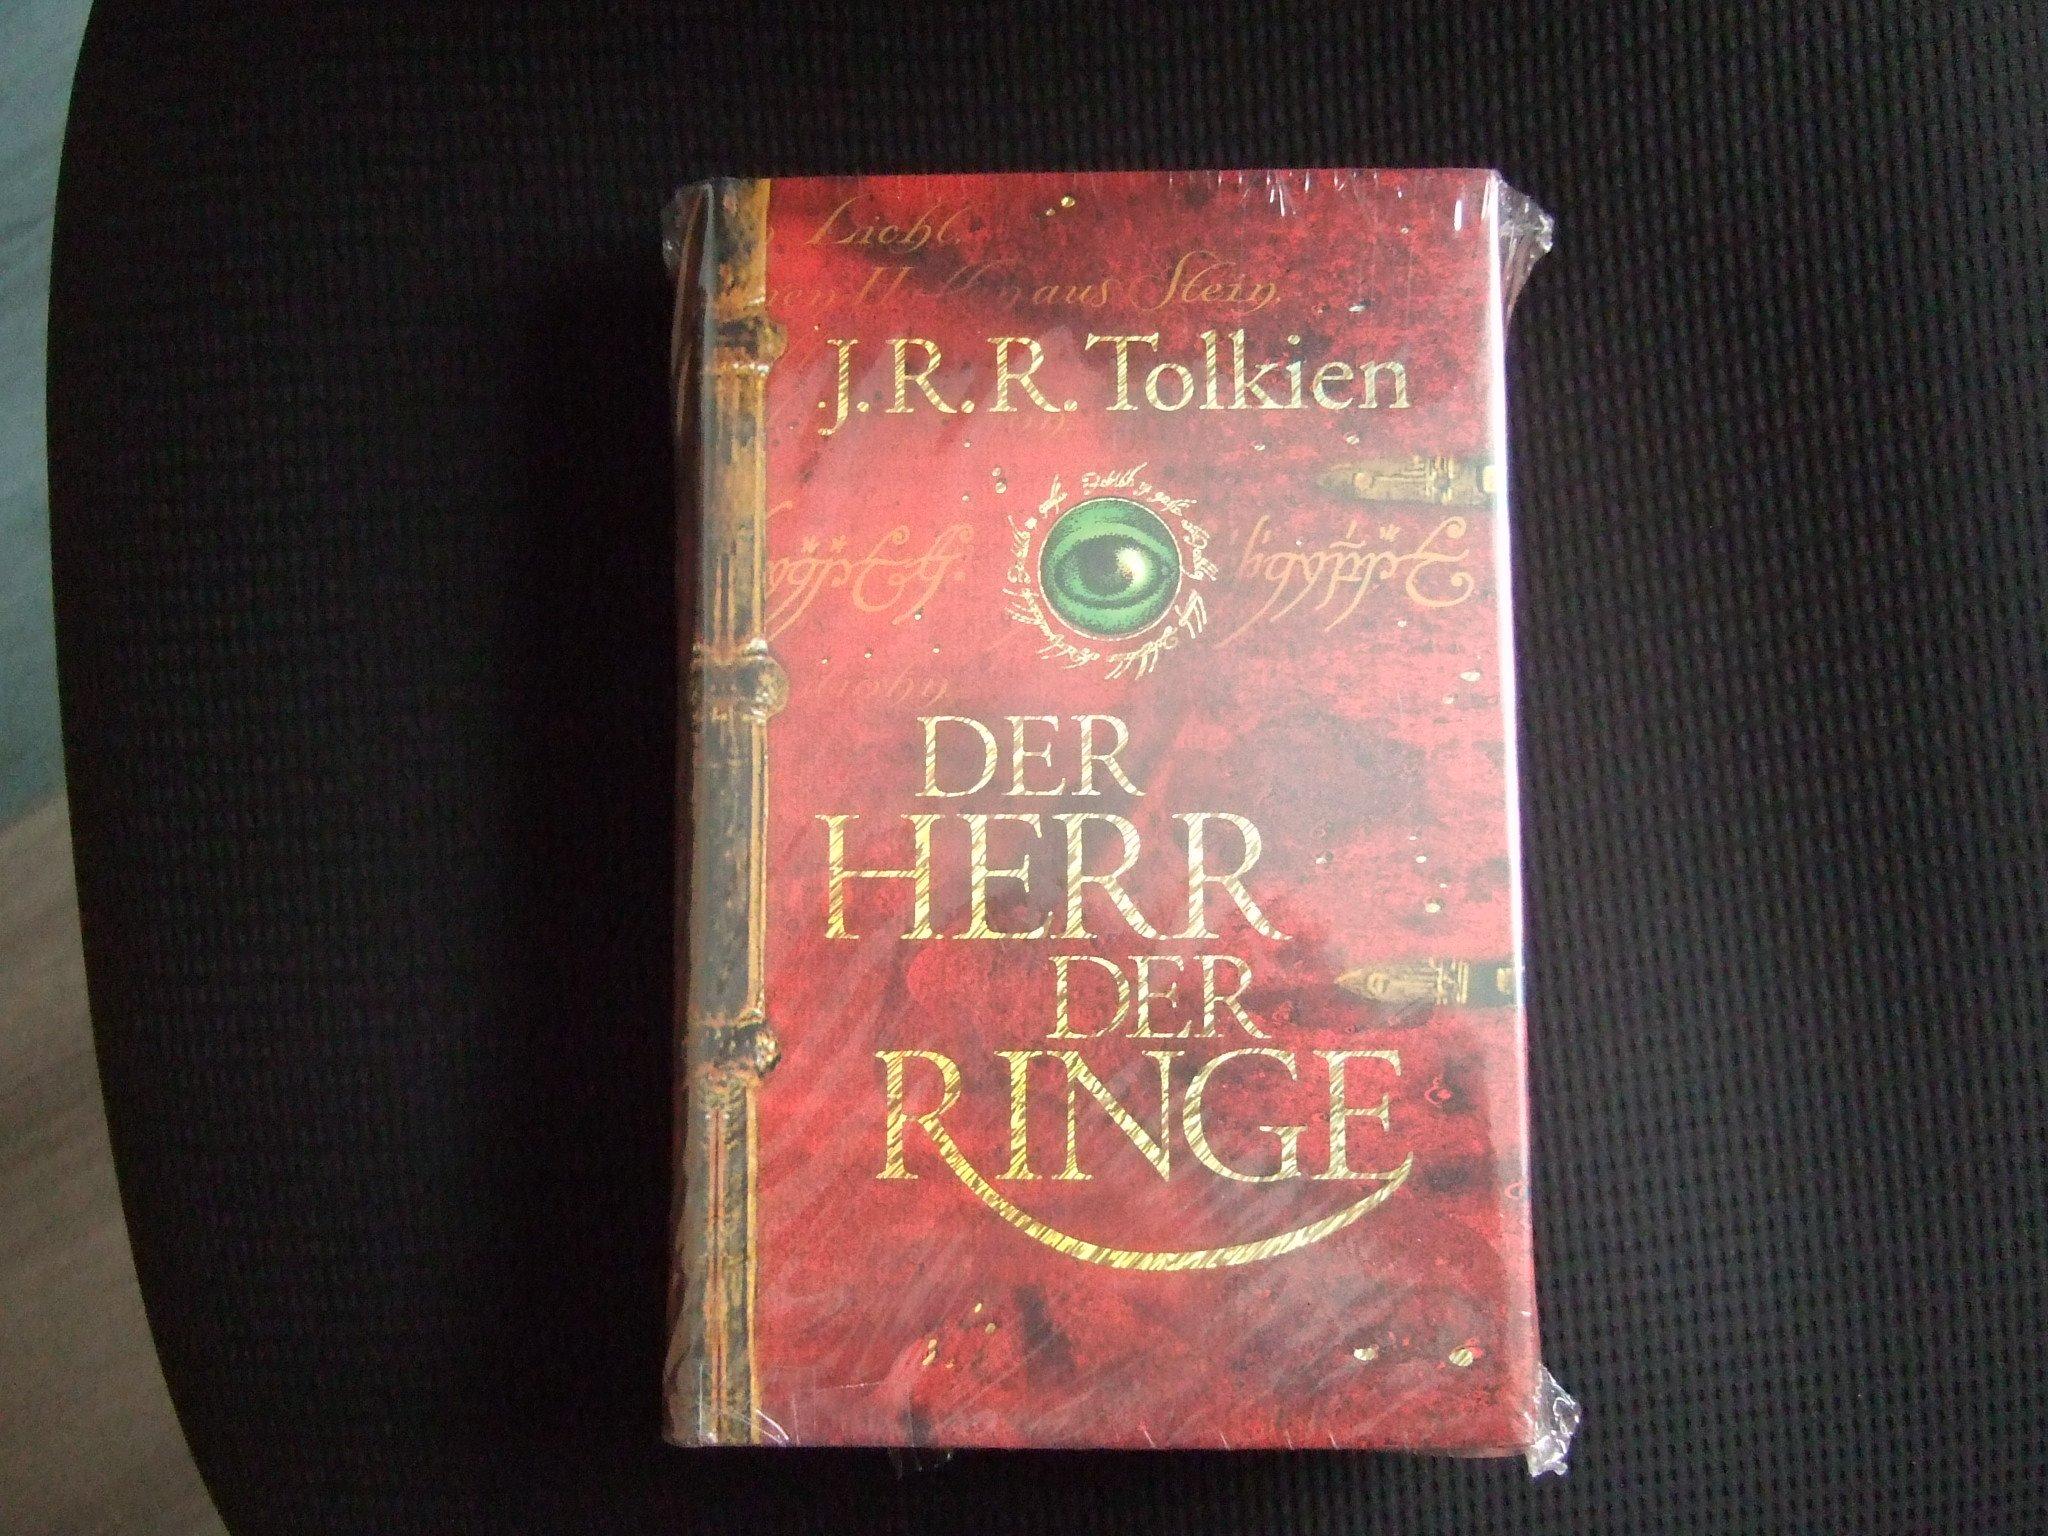 Der Herr Der Ringe Einbandige Ausgabe Amazon De J R R Tolkien Bucher